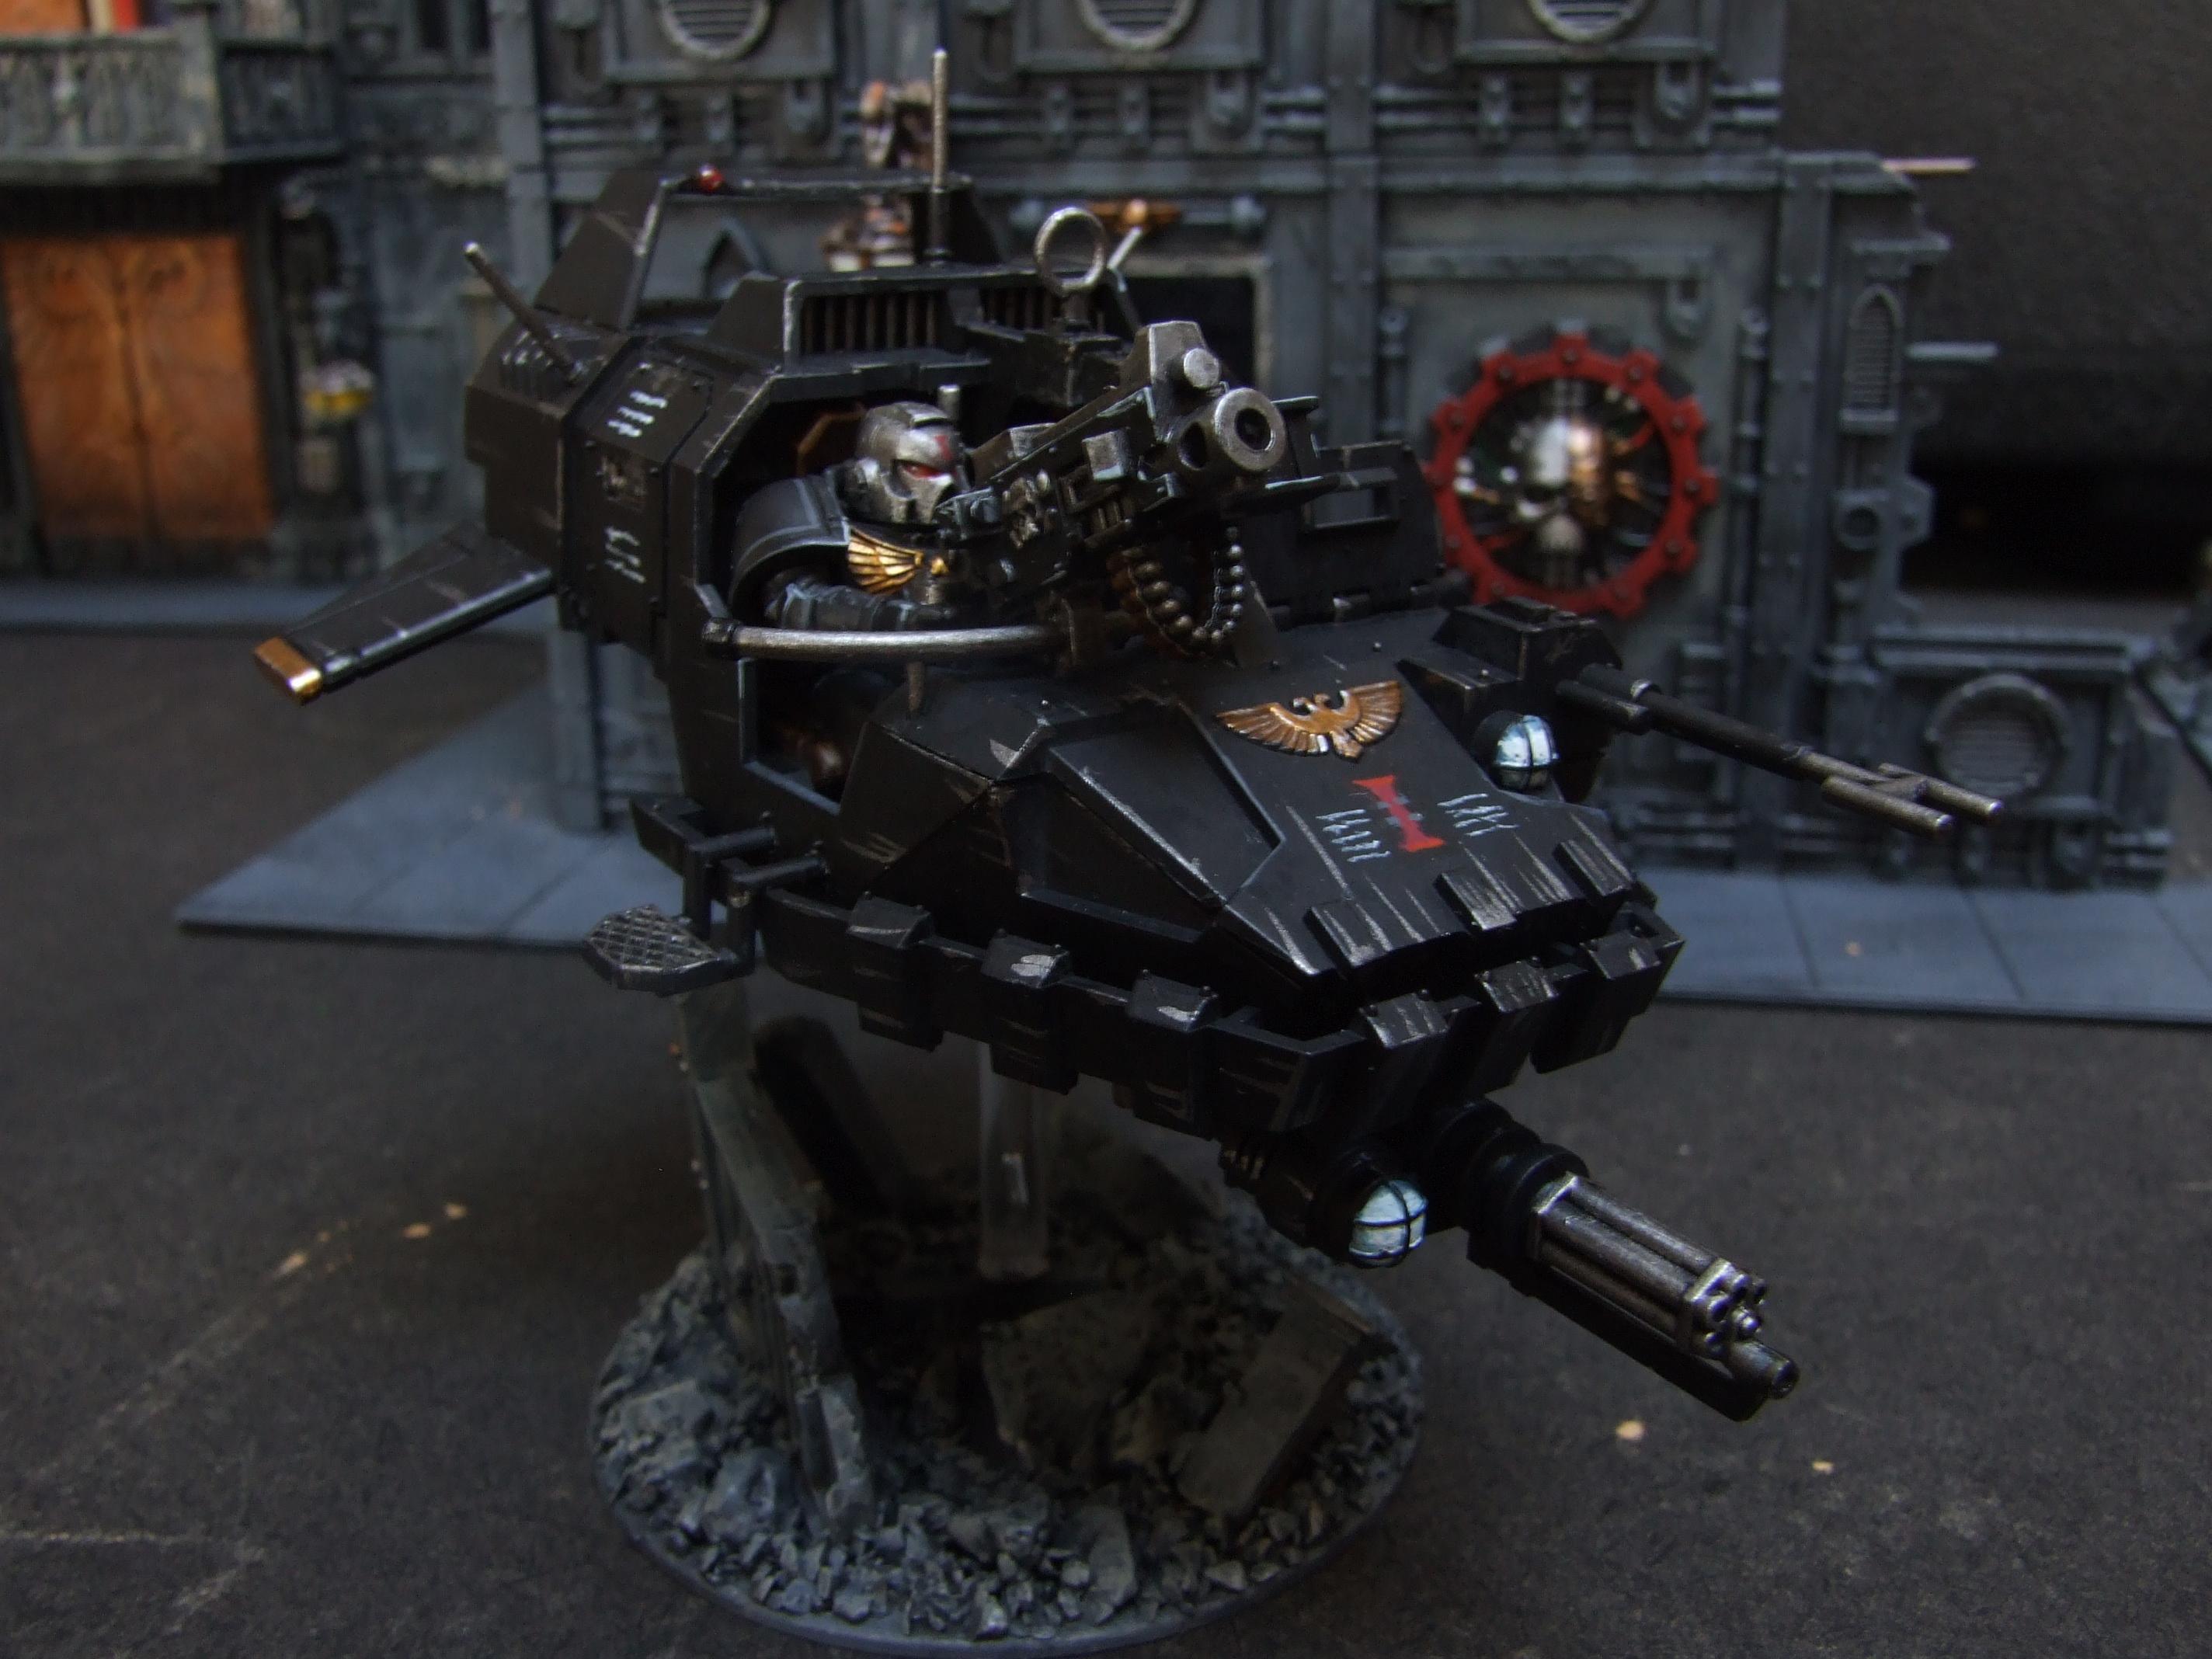 Deathwatch, Imperial, Kill Team, Land Speeder, Ordus Xeno, Space Marines, Veteran Sergeant, Warhammer 40,000